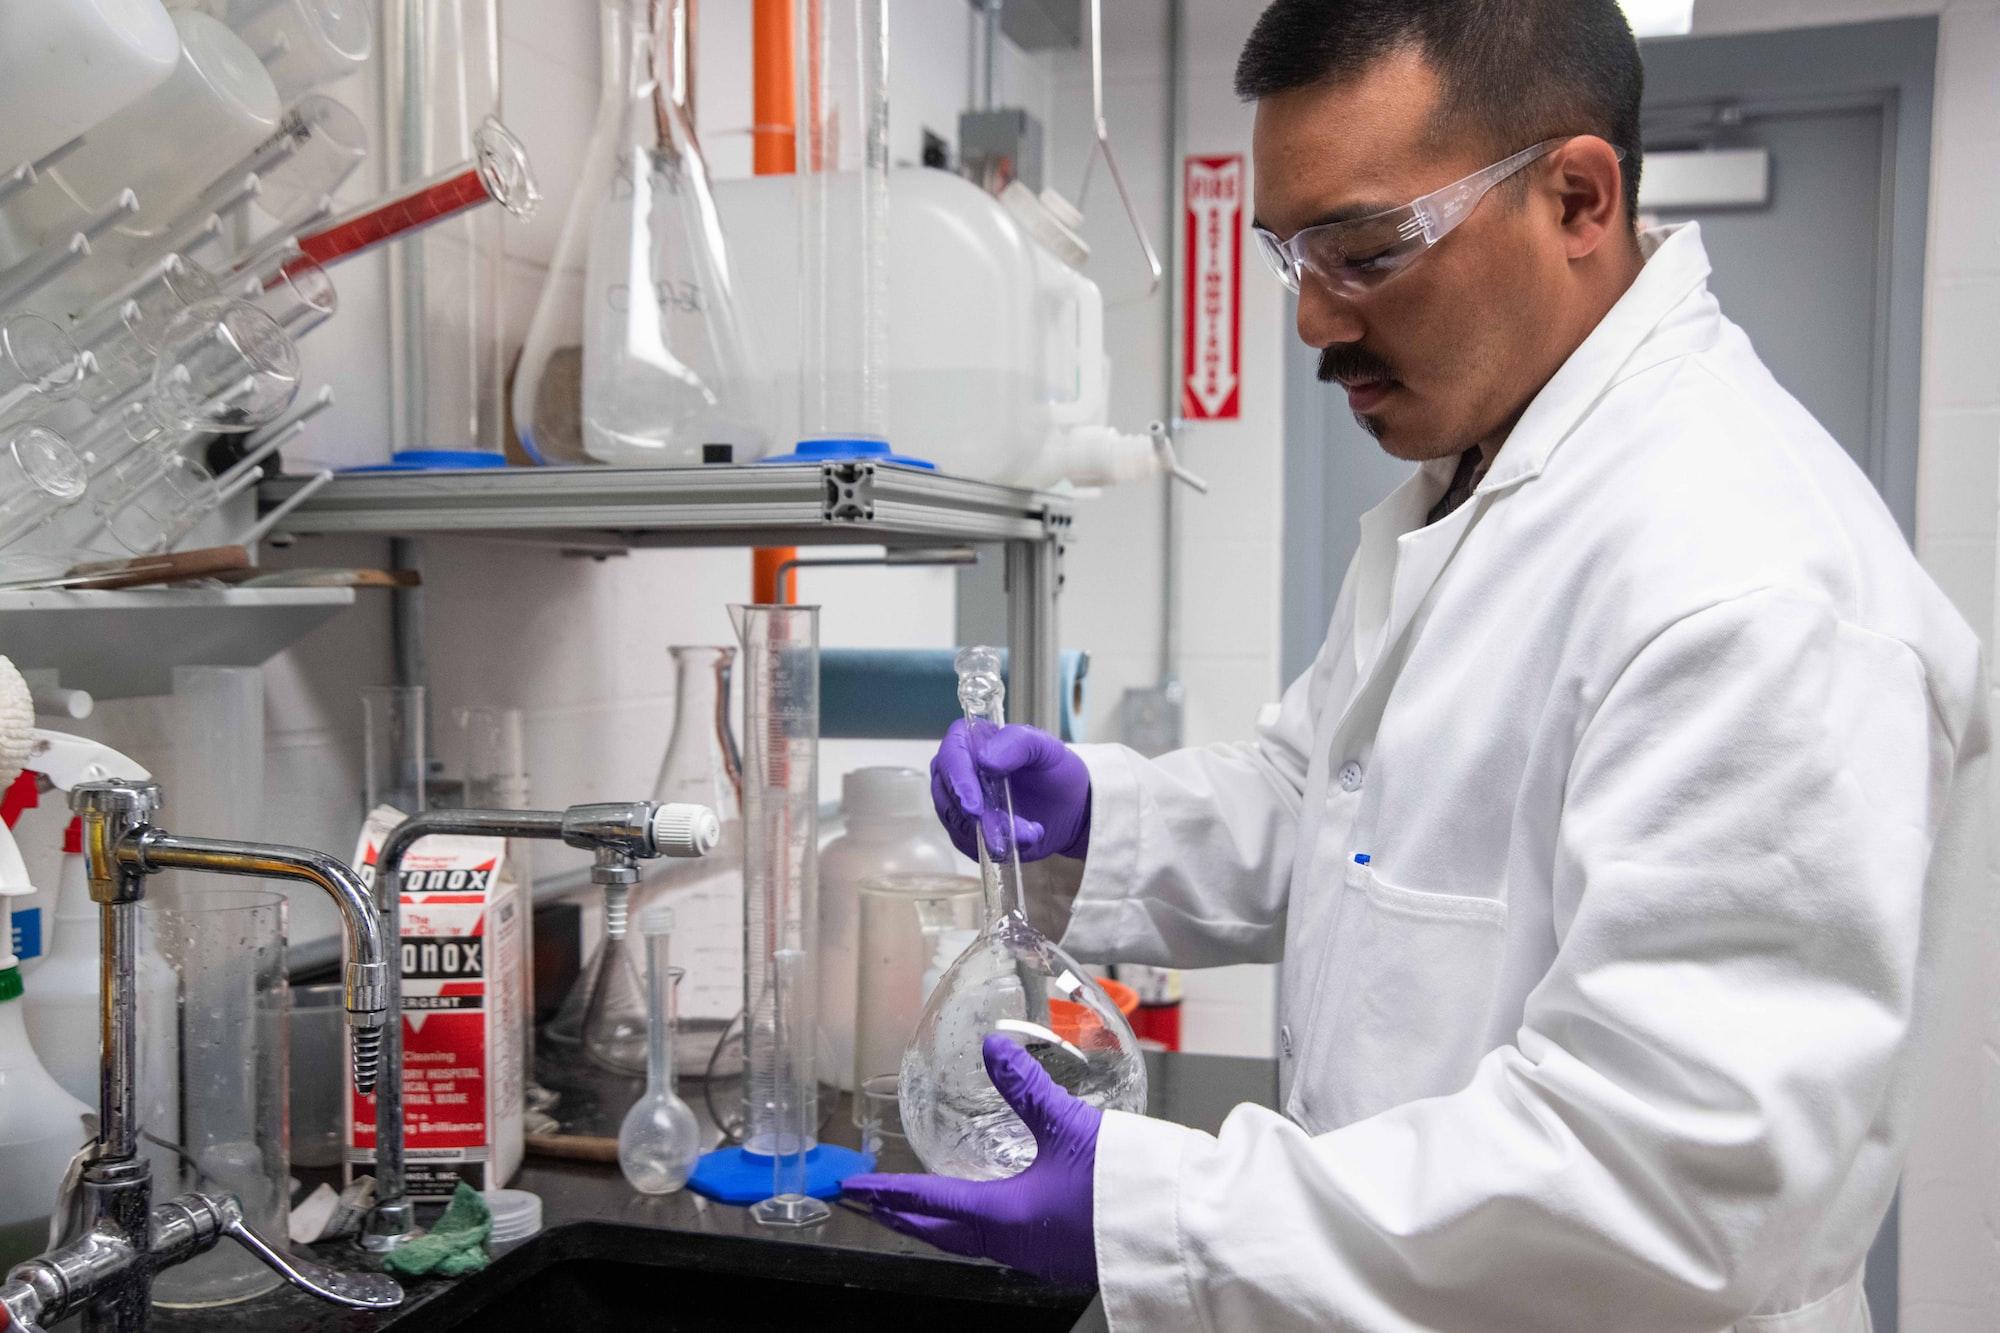 Dosen av första smittan kan påverka hur sjuk du blir